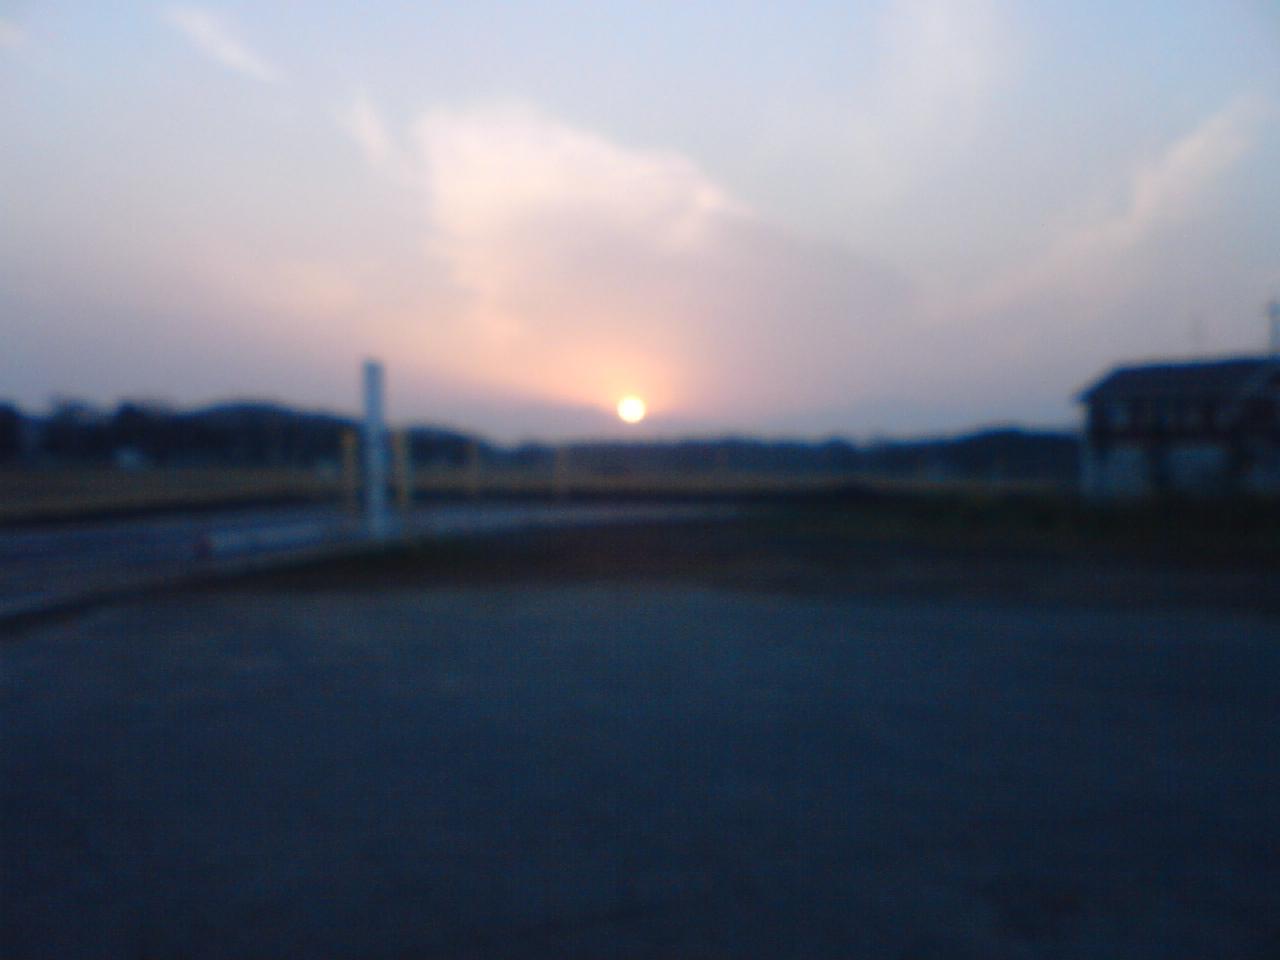 東の空3月20日午前6時35分